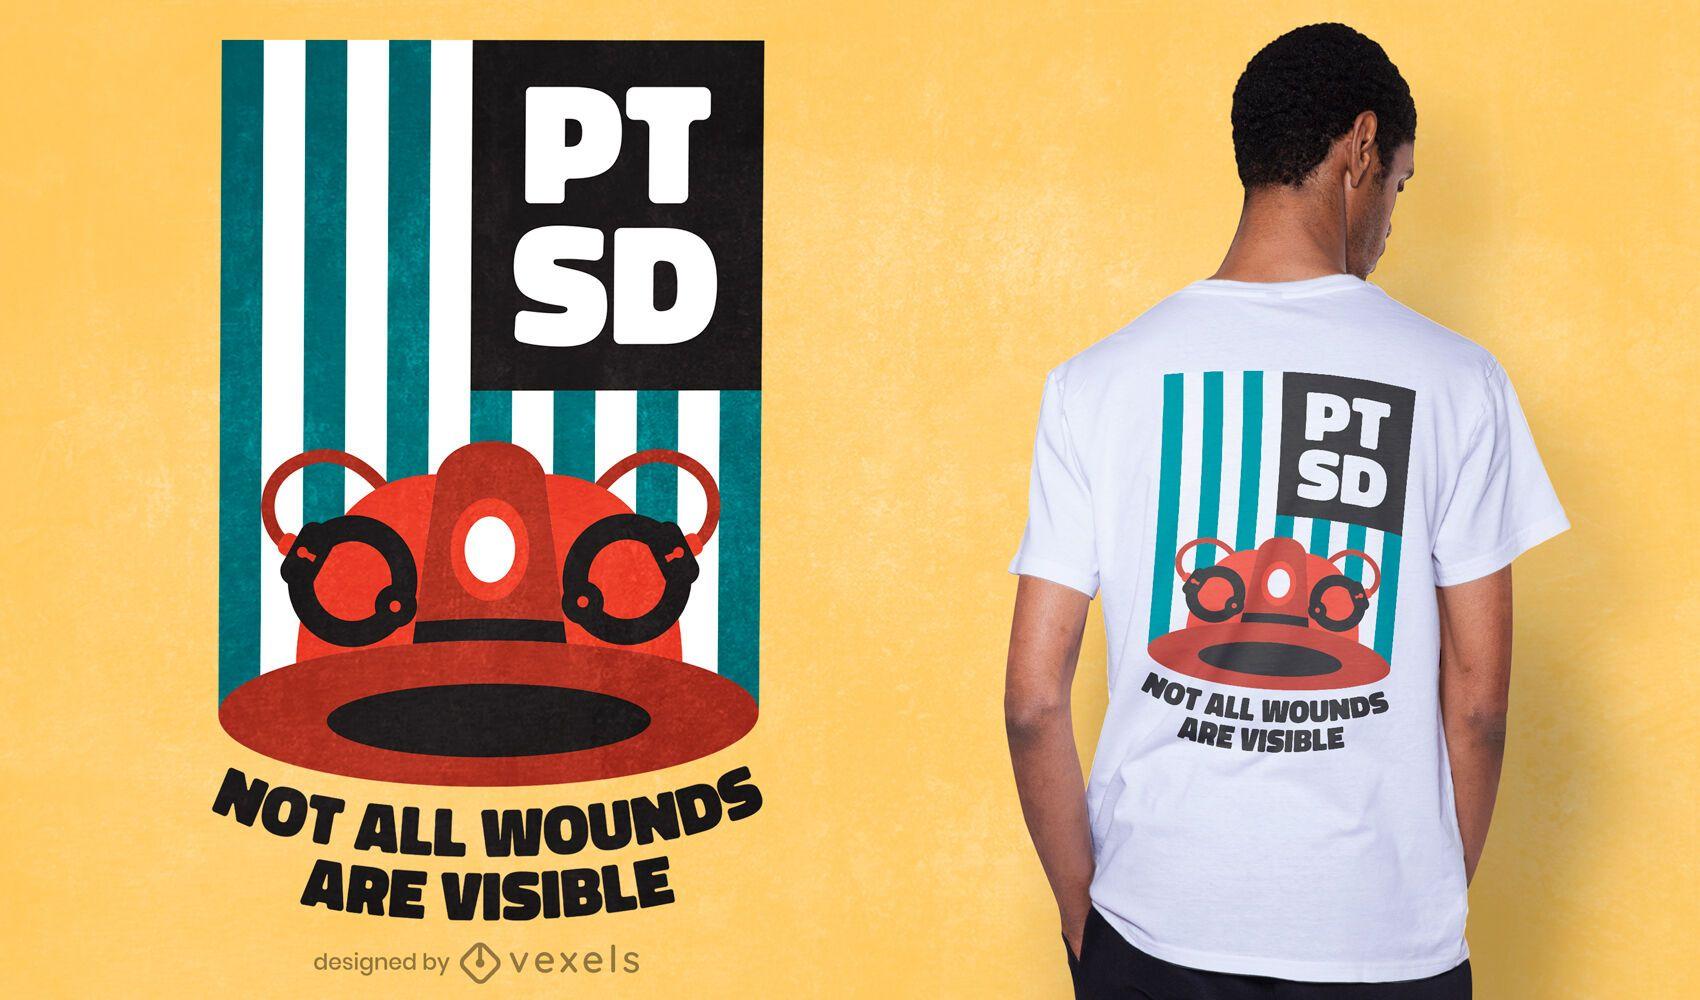 PTSD awareness t-shirt design